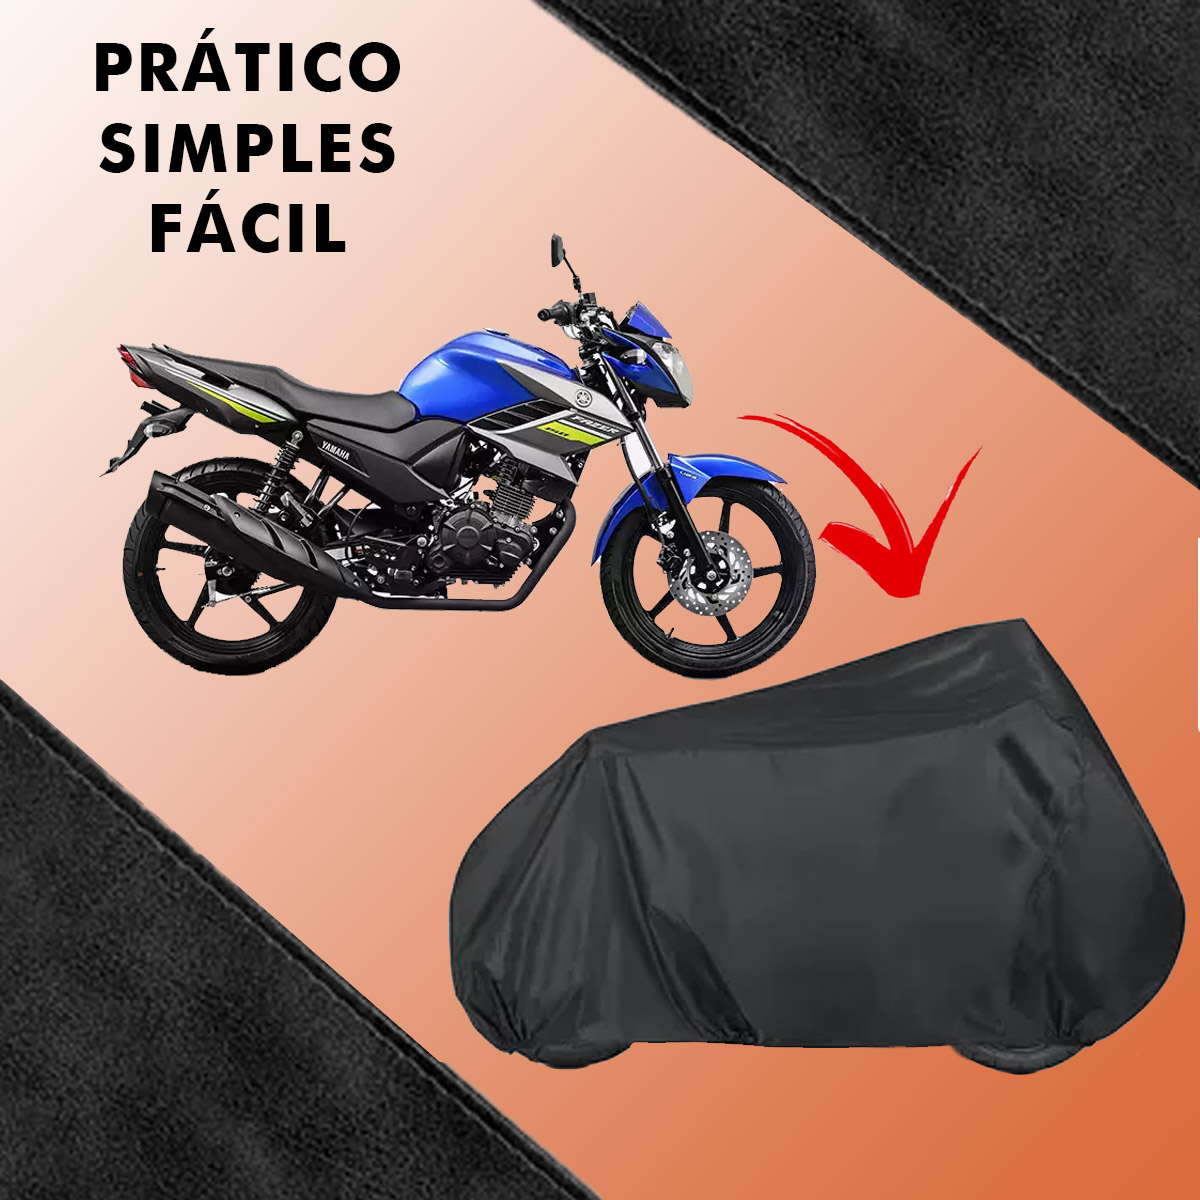 Capa de Moto Forrada Anti-UV Proteção Contra Chuva Vento Poeira Tamanho M Poliparts